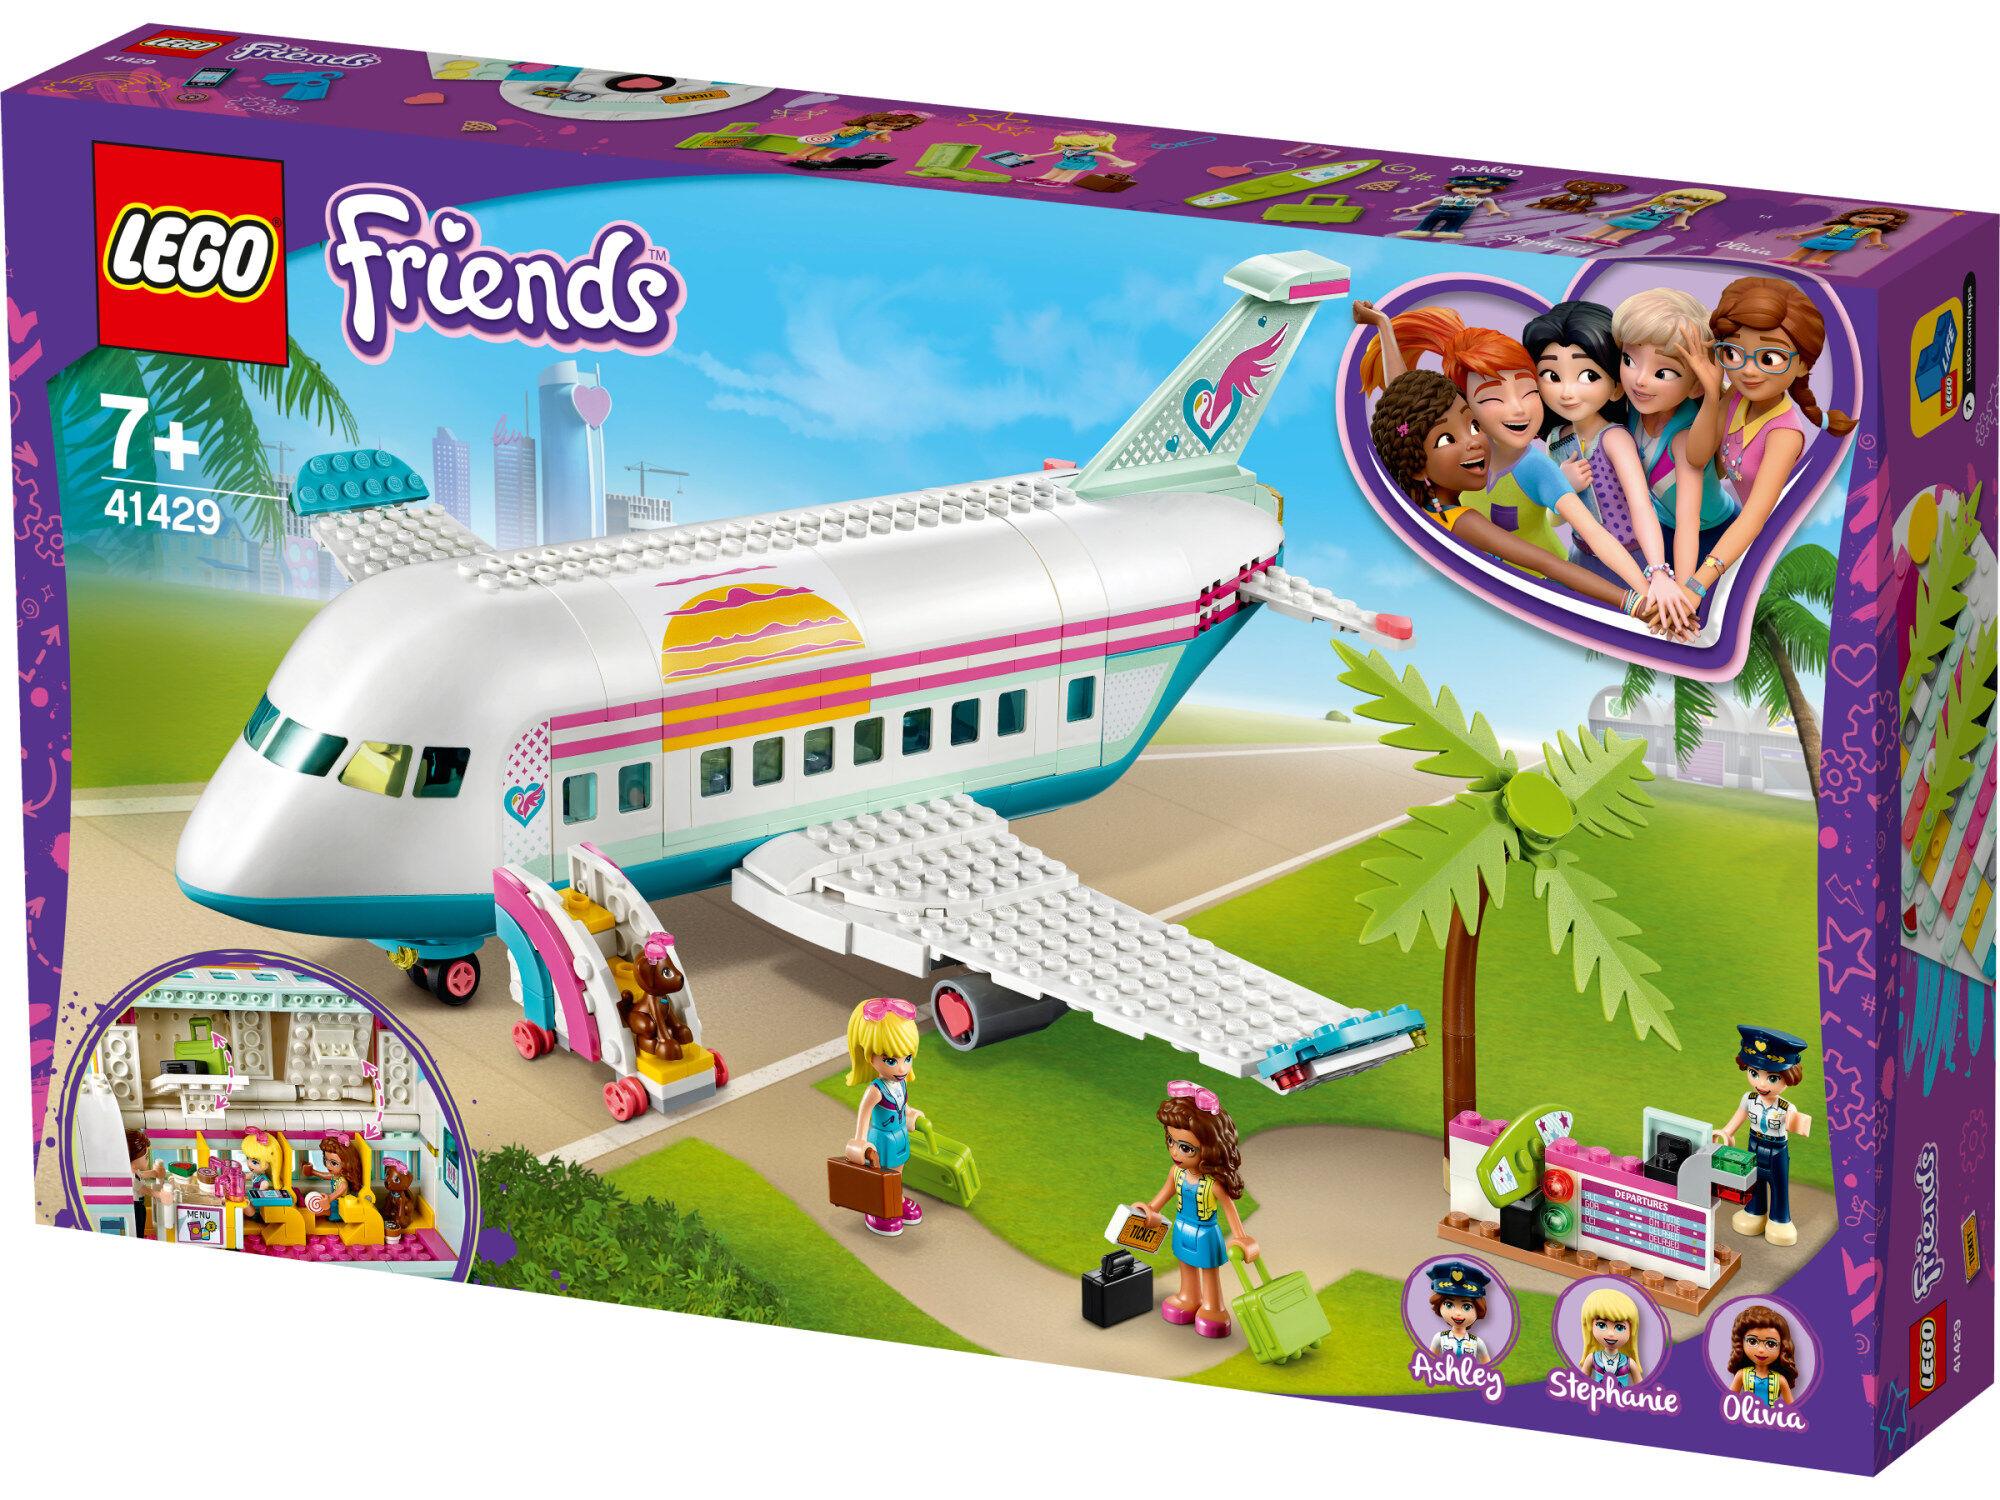 Lego Friends 41429 Heartlake Cityn lentokone